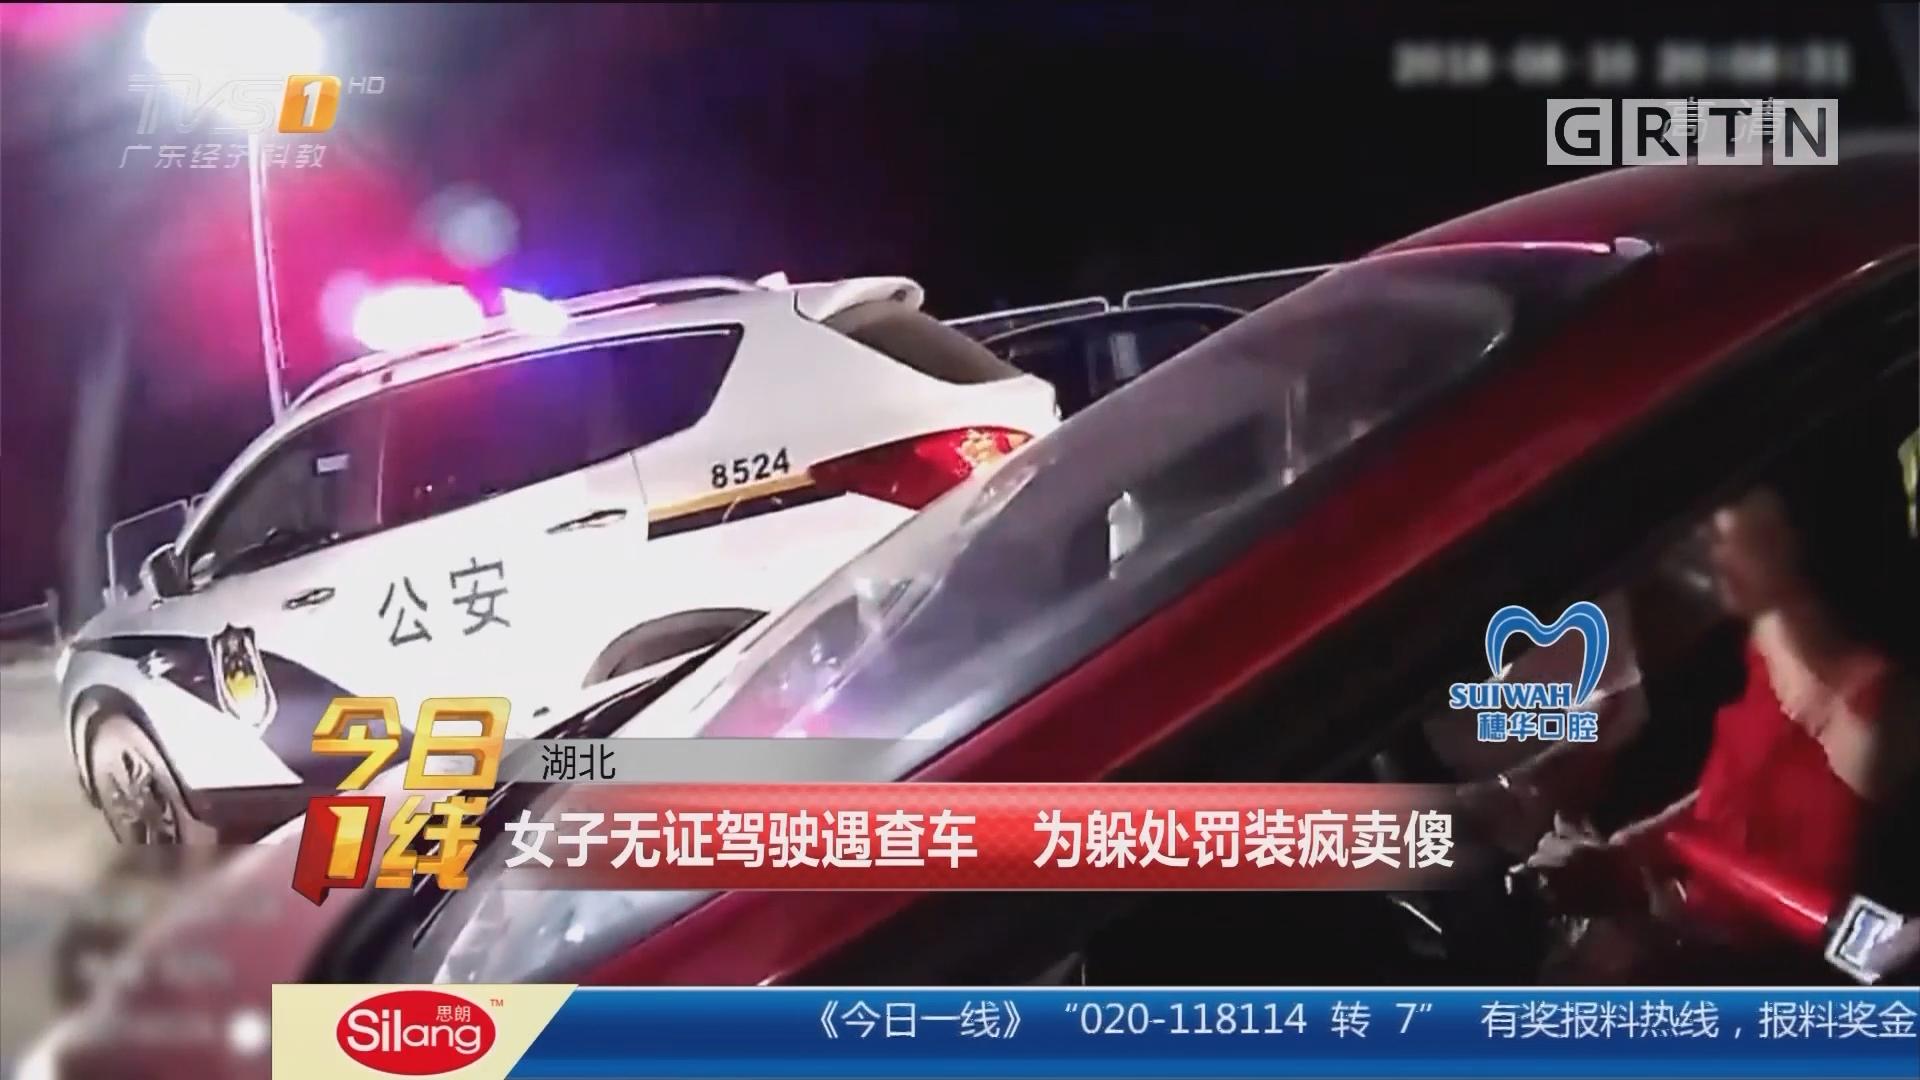 湖北:女子无证驾驶遇查车 为躲处罚装疯卖傻